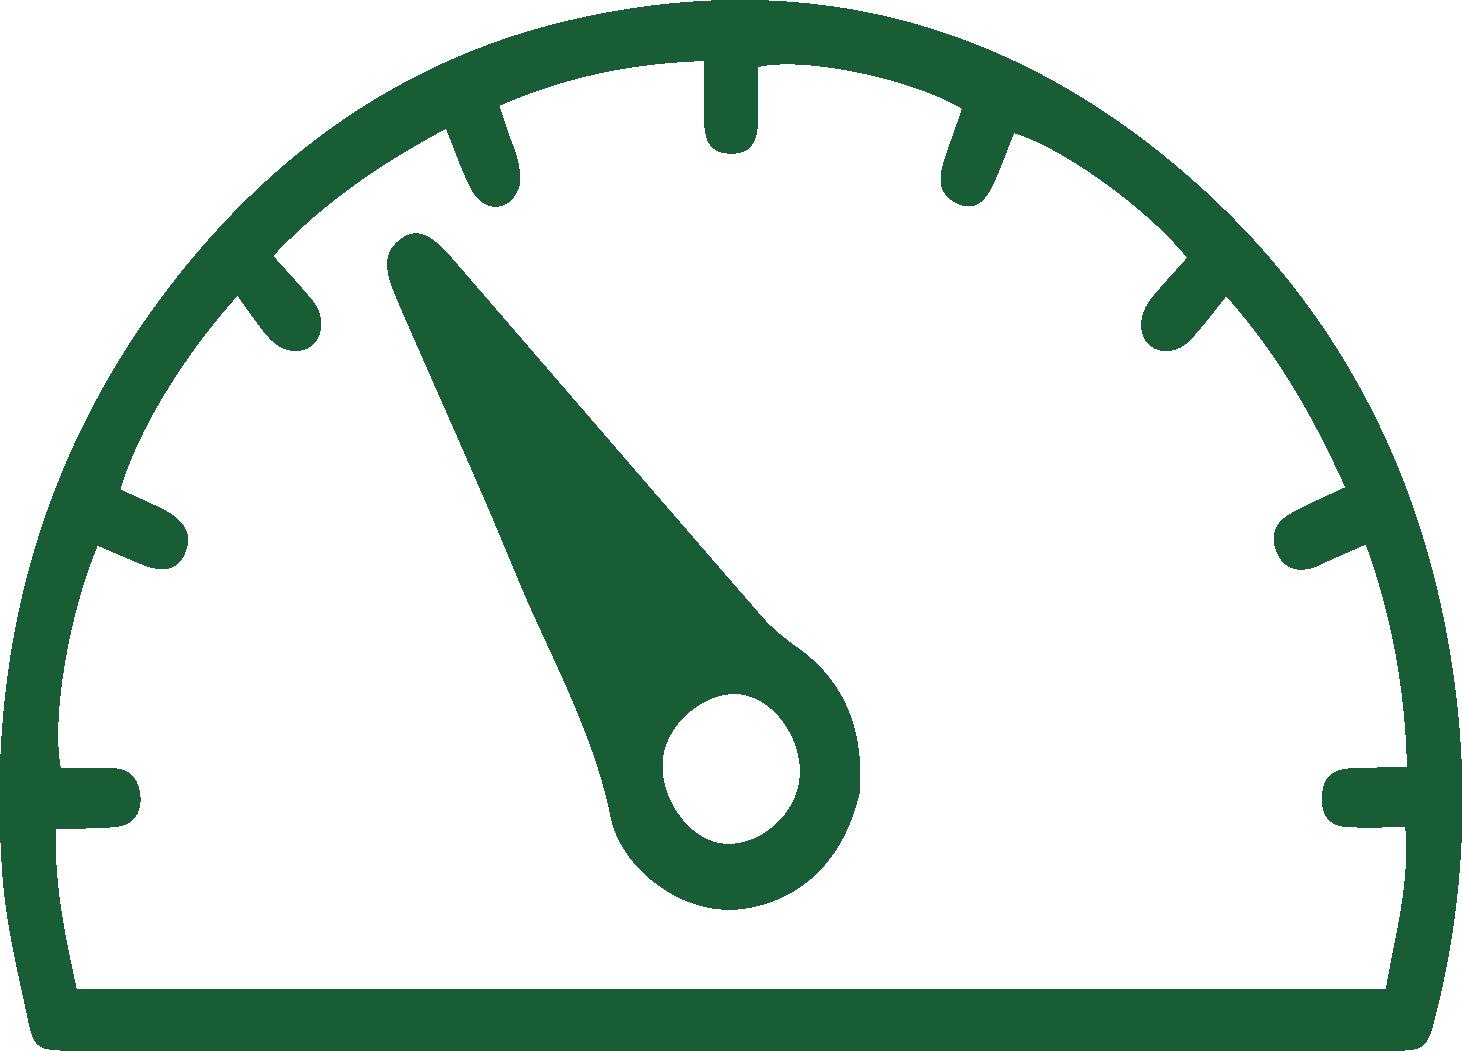 Maximum 2500 PSI Hydraulic System Pressure